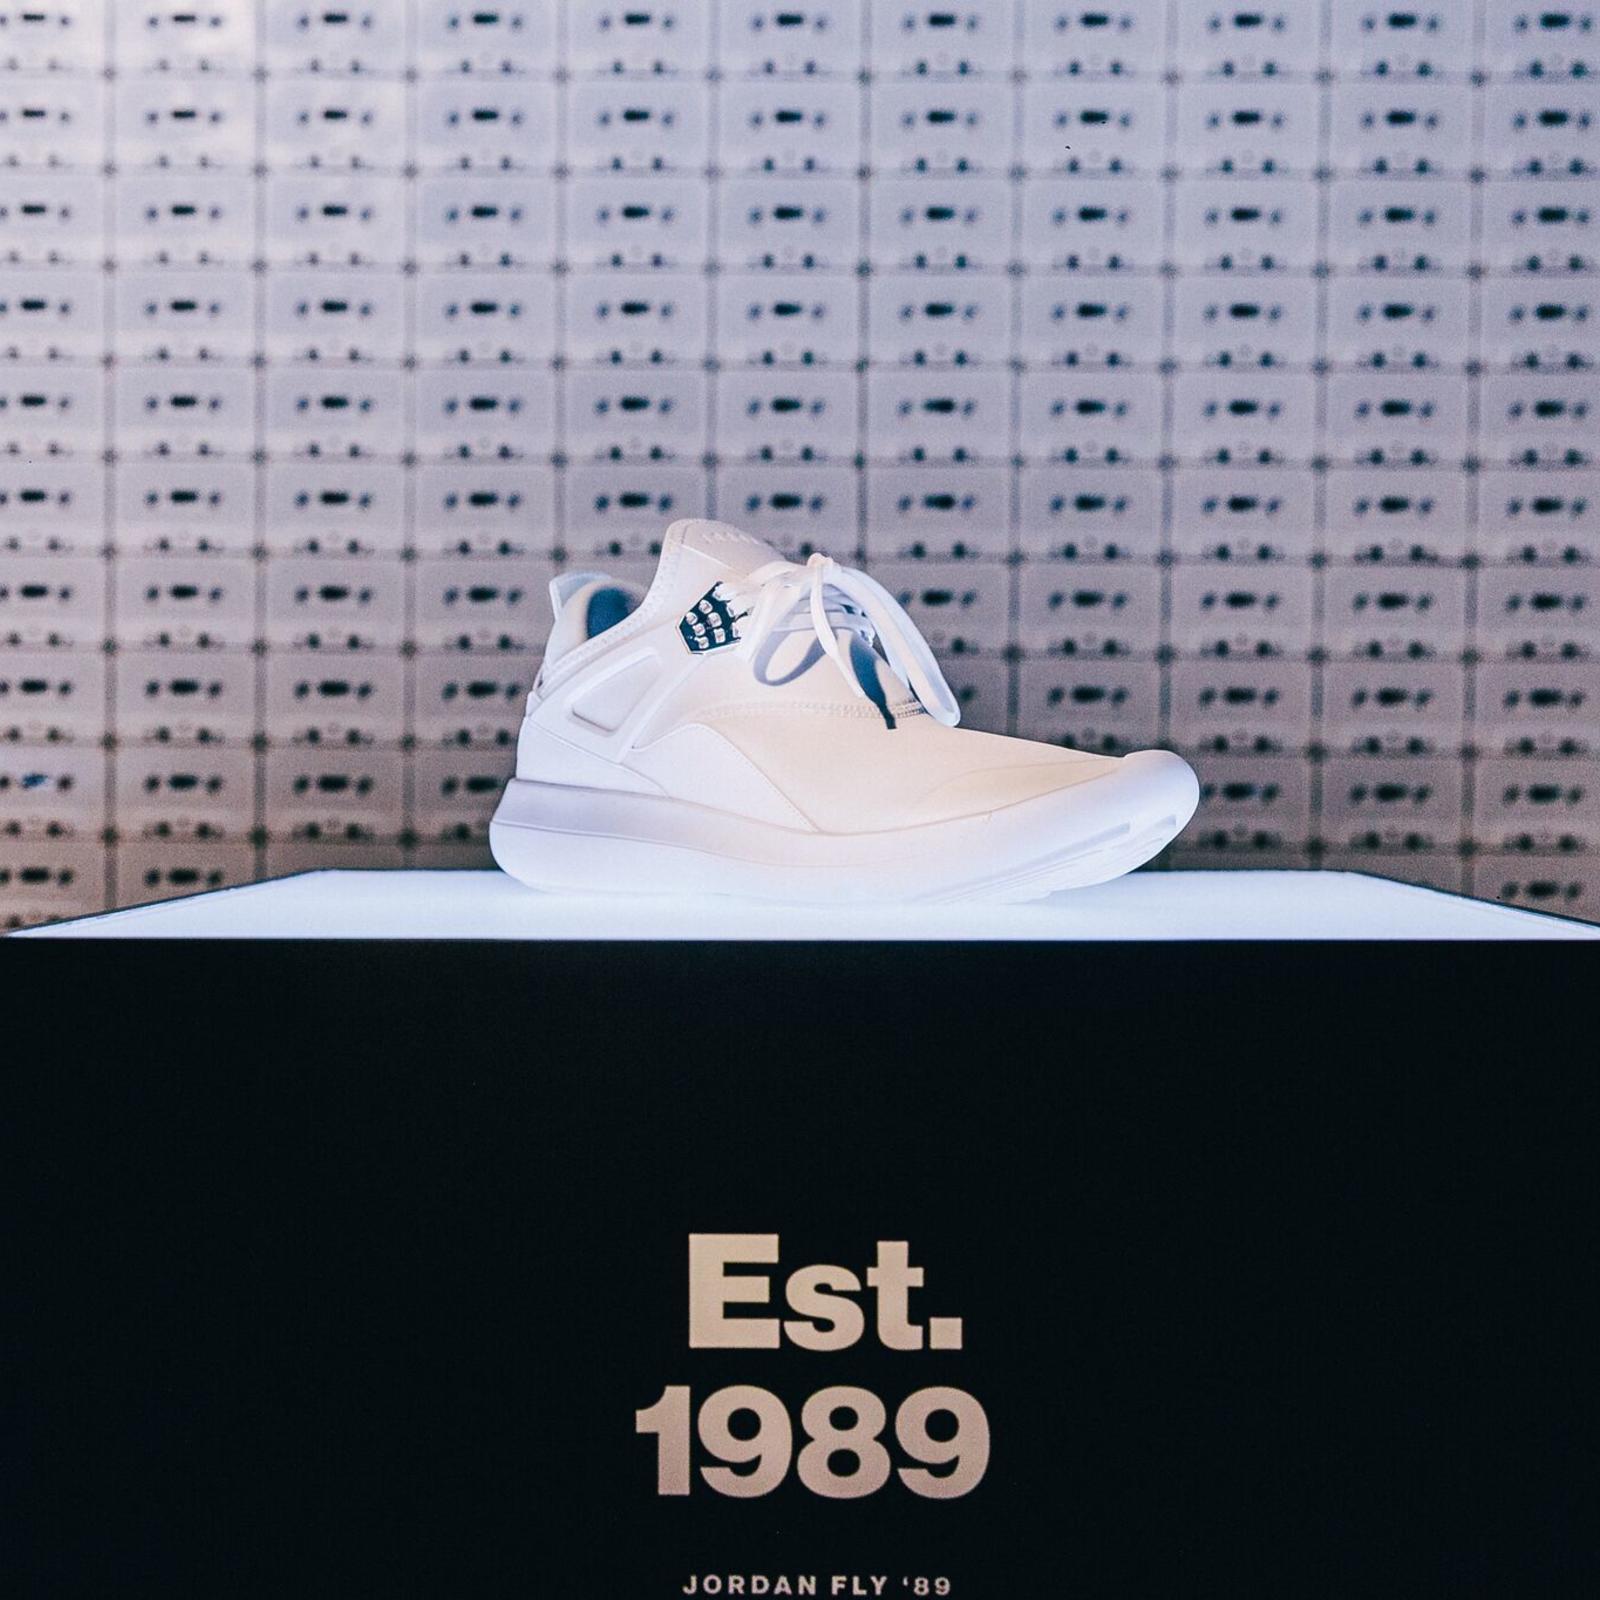 Introducing the Jordan Fly '89 - Nike News